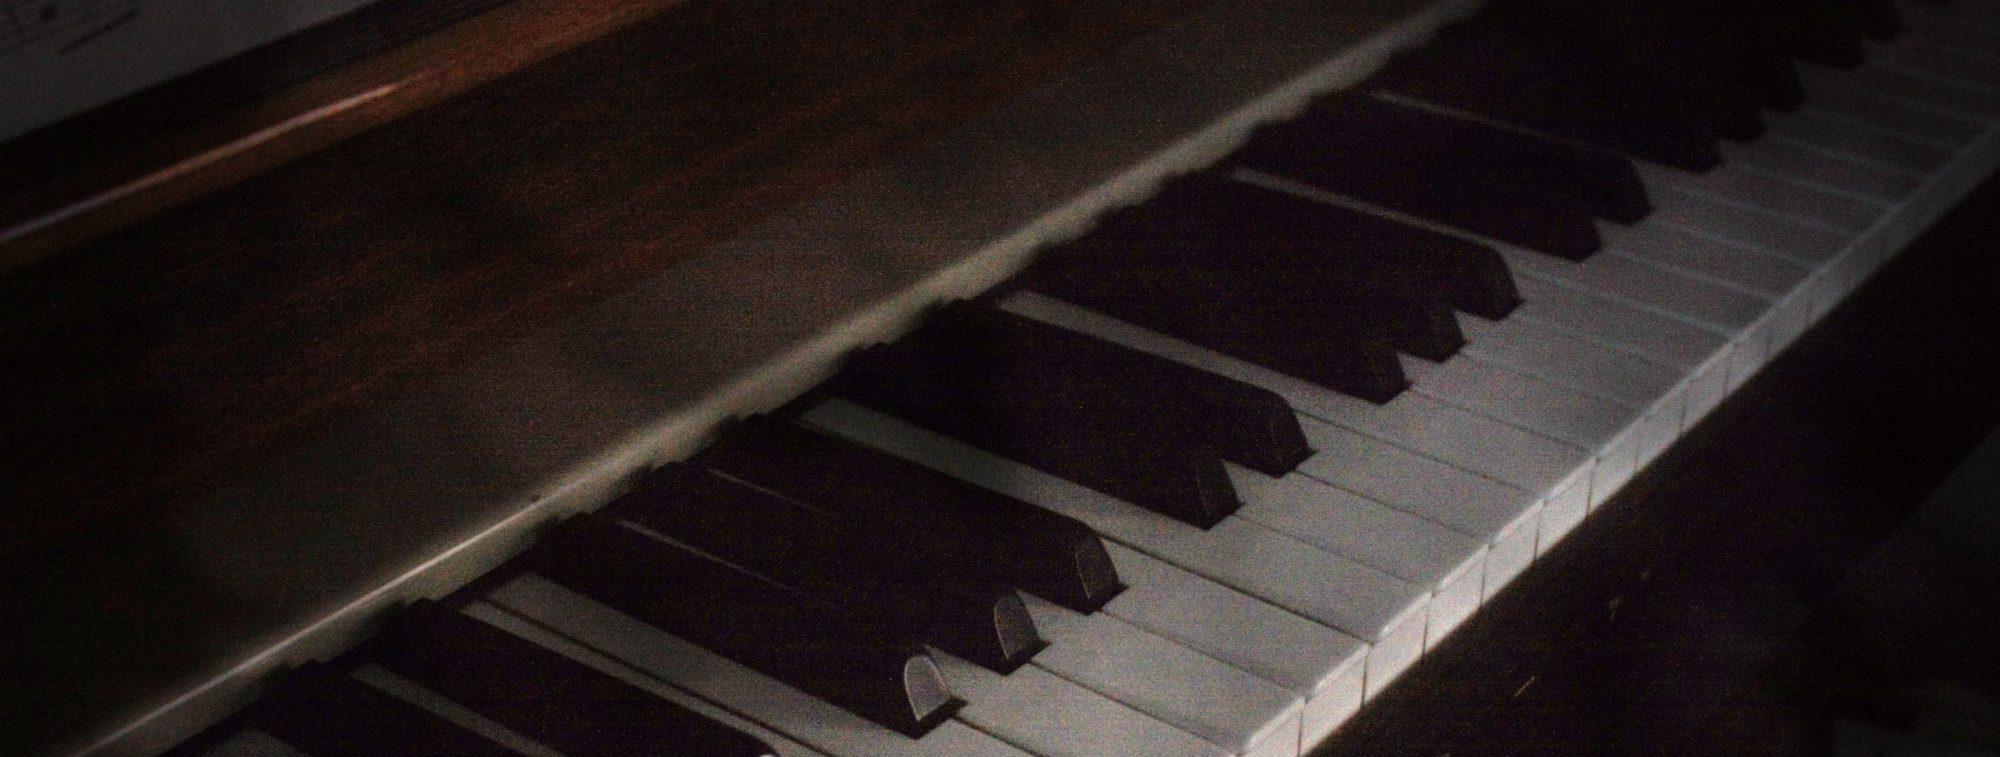 Conservatoire Slave de Musique